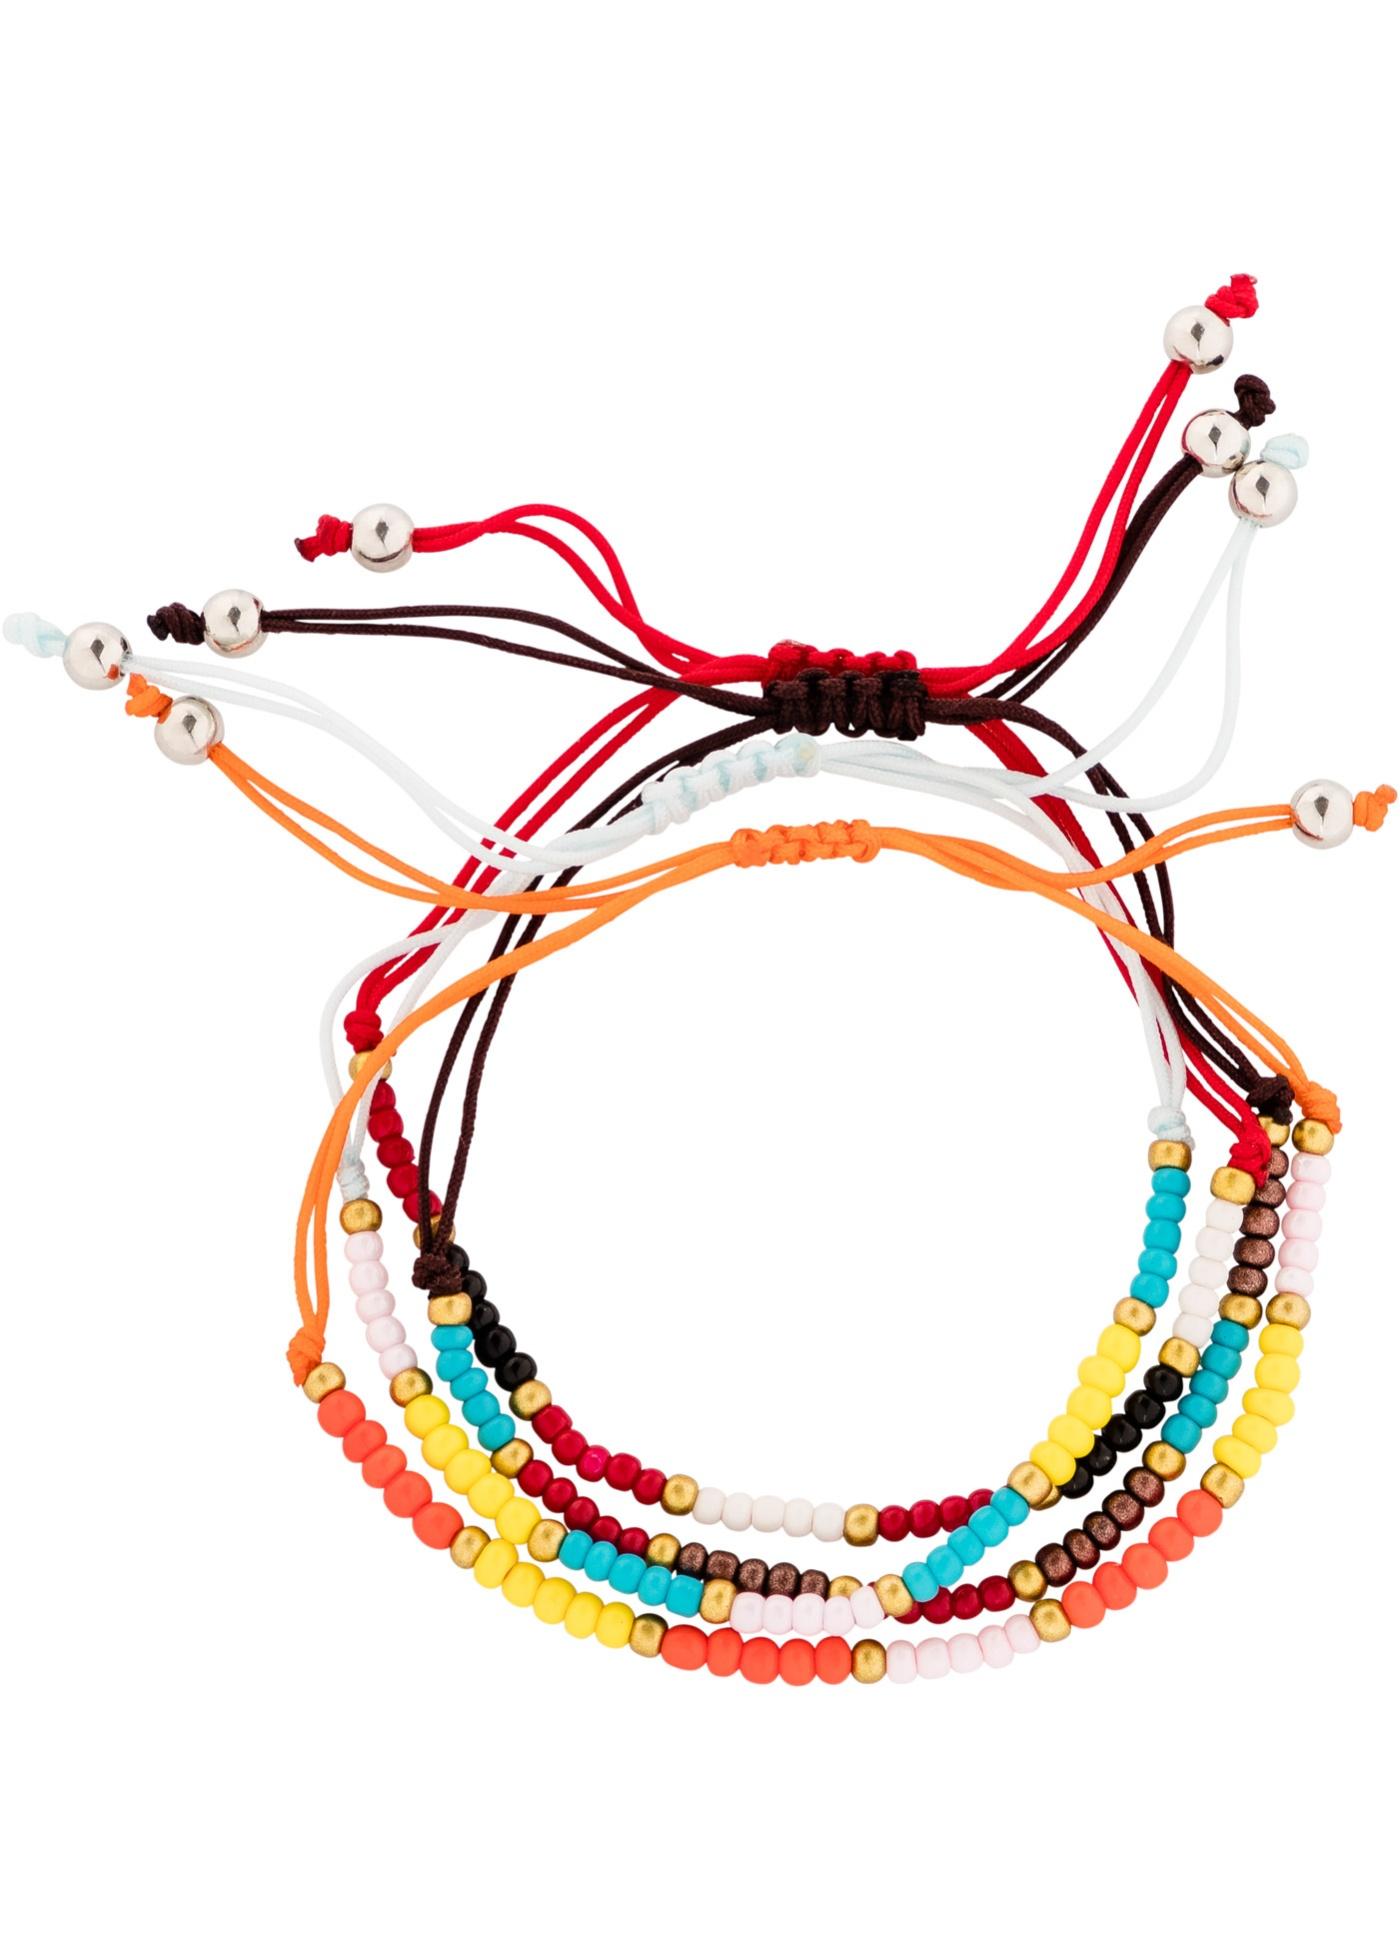 Bracelets (Ens. 4 pces.)